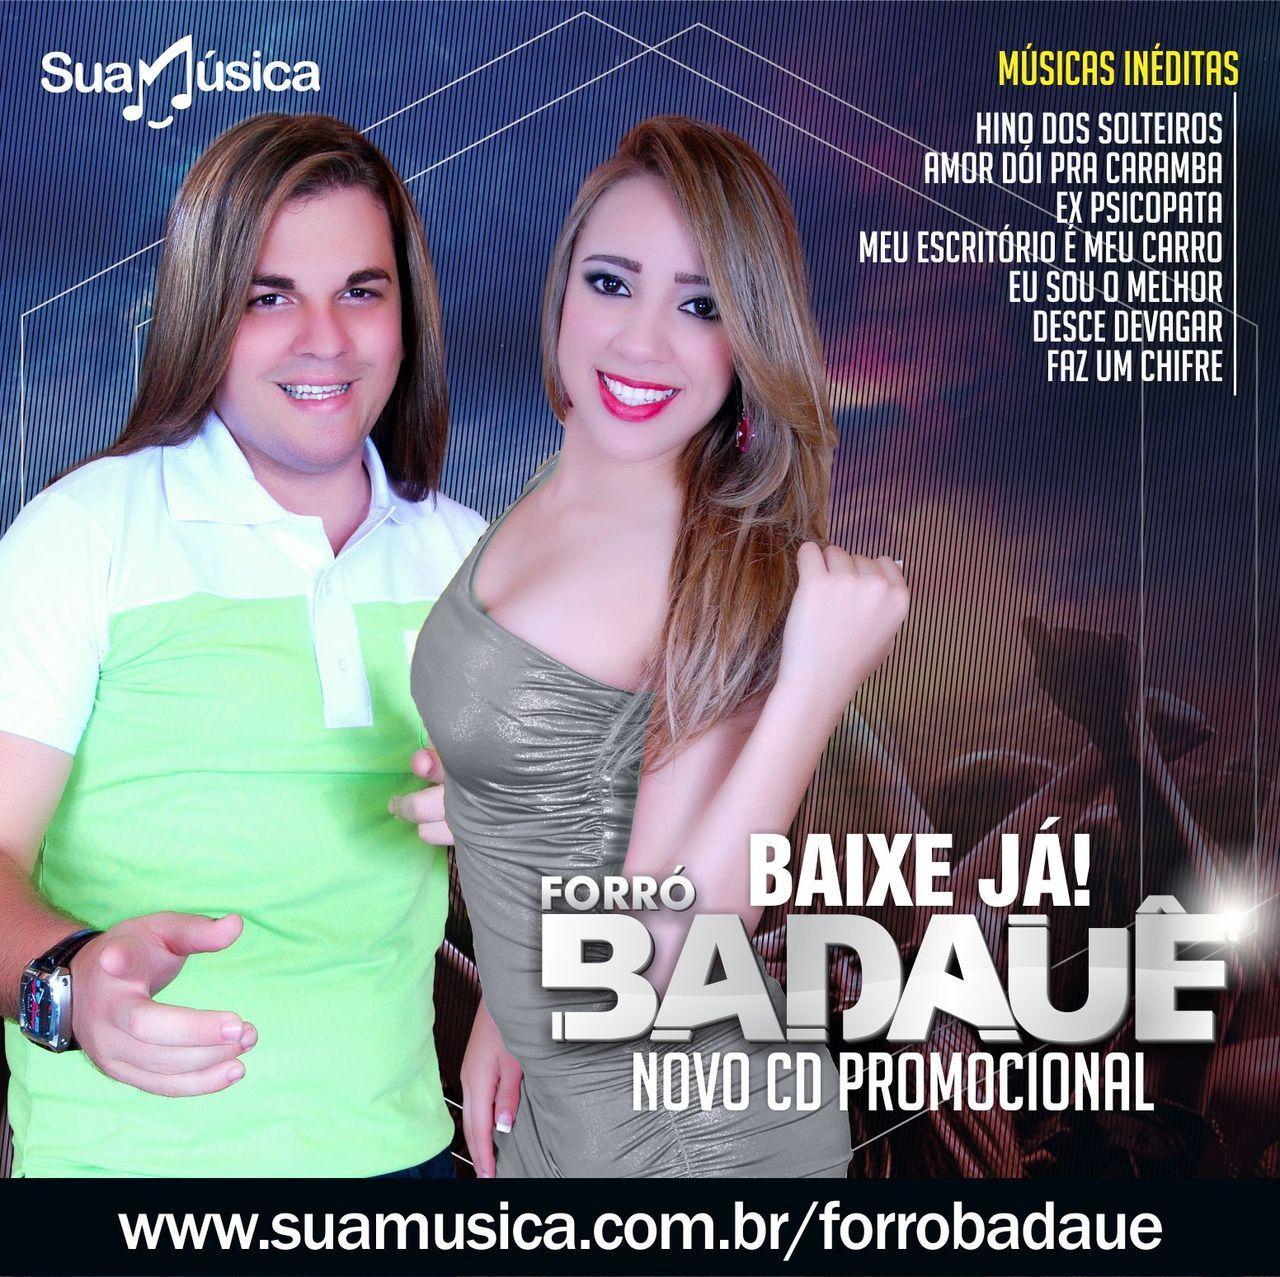 FORRÓ BADAUÊ - CD PROMOCIONAL - OFICIAL AGOSTO 2014  http://suamusica.com.br/forrobadaueagosto2014